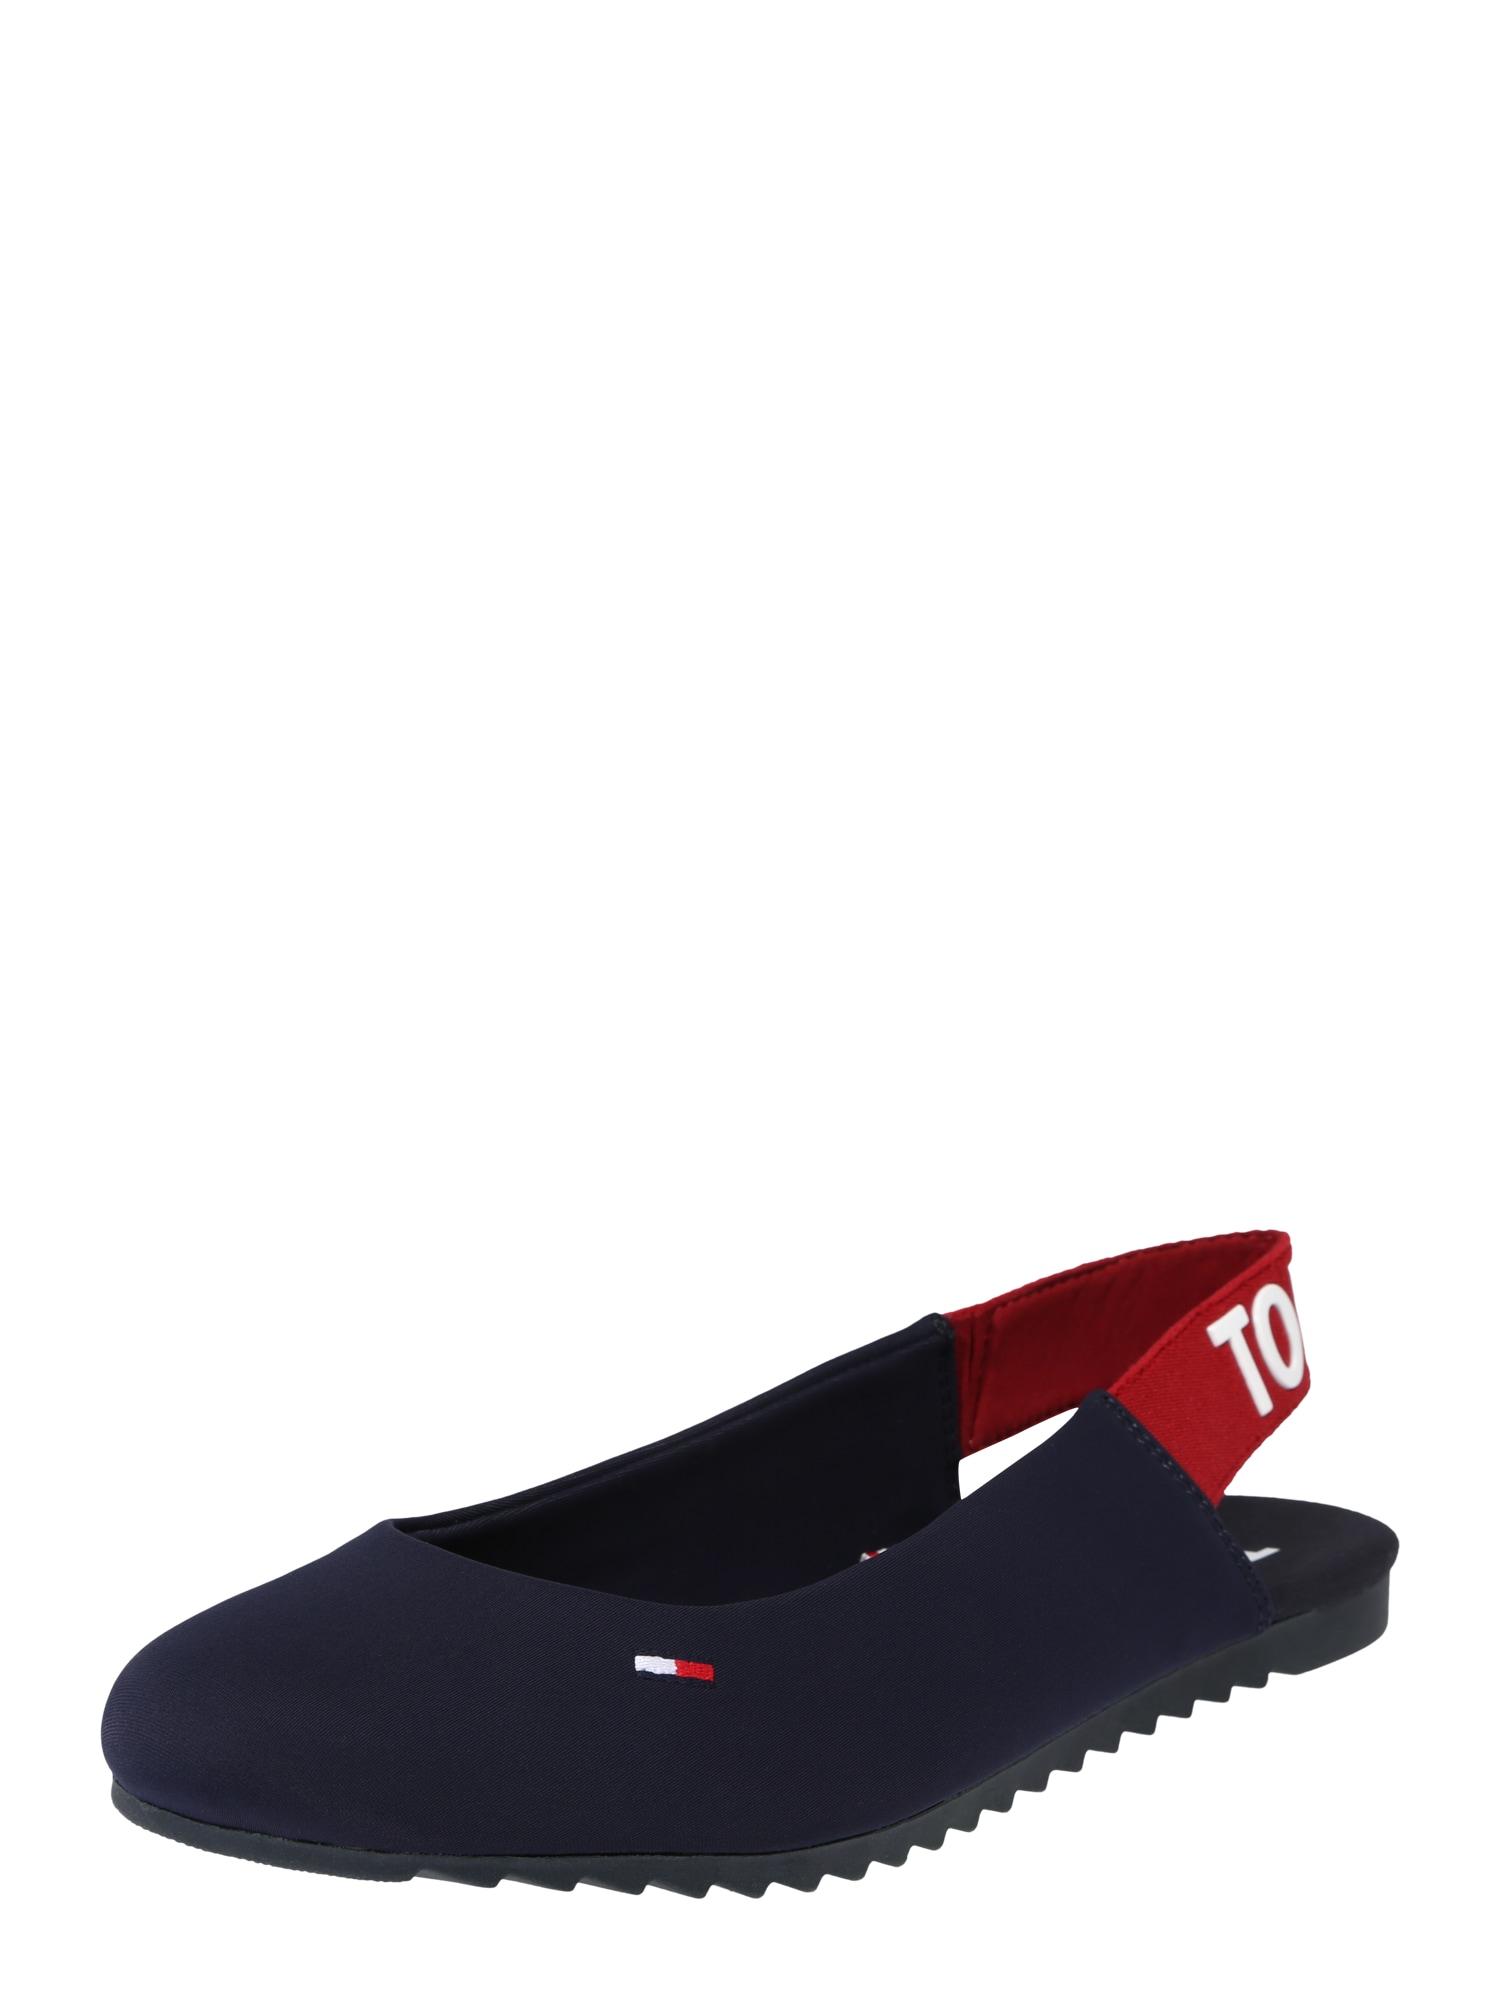 Rieker Sneaker für Herren blau grau used RLJZYS